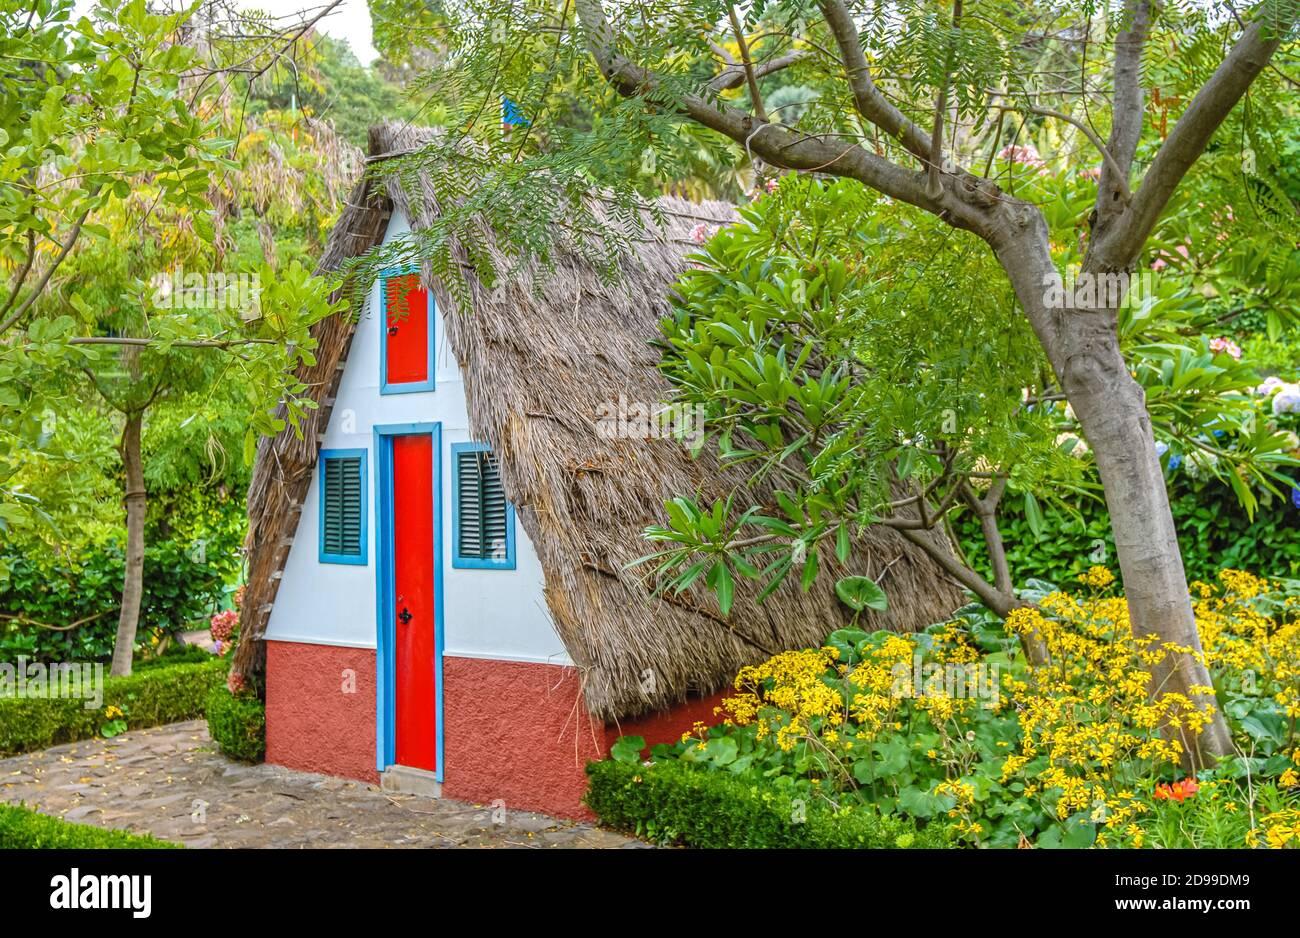 Maison de Madère traditionnelles au jardin botanique de Funchal, Madeira, Portugal Banque D'Images